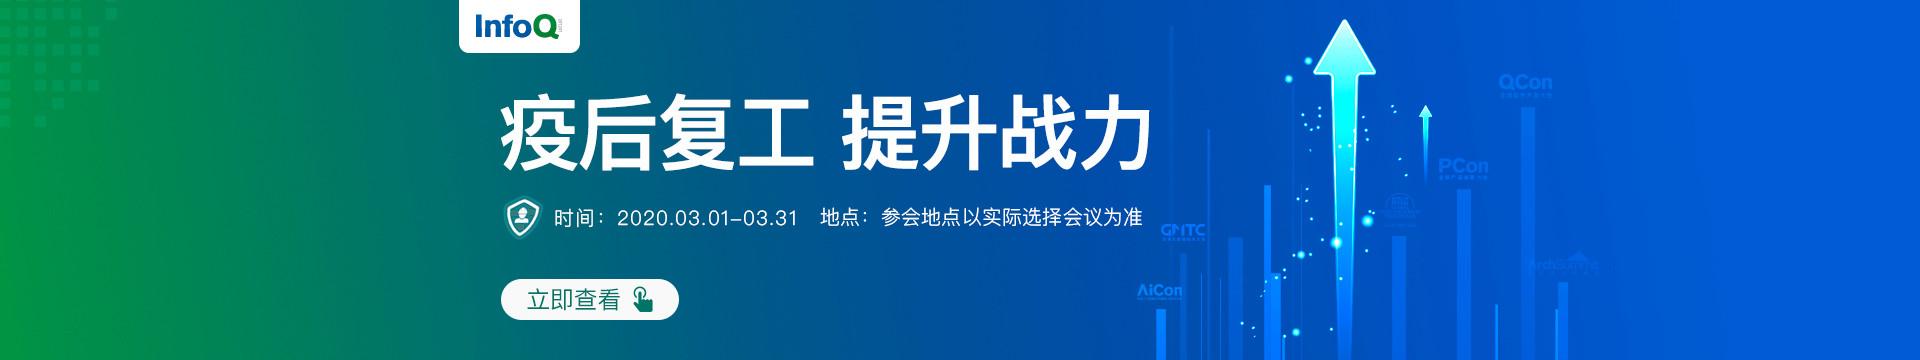 疫后复工,提升战力——InfoQ技术大会钜惠(Qcon、Archsummit、GMTC、AIcon、GTLC)